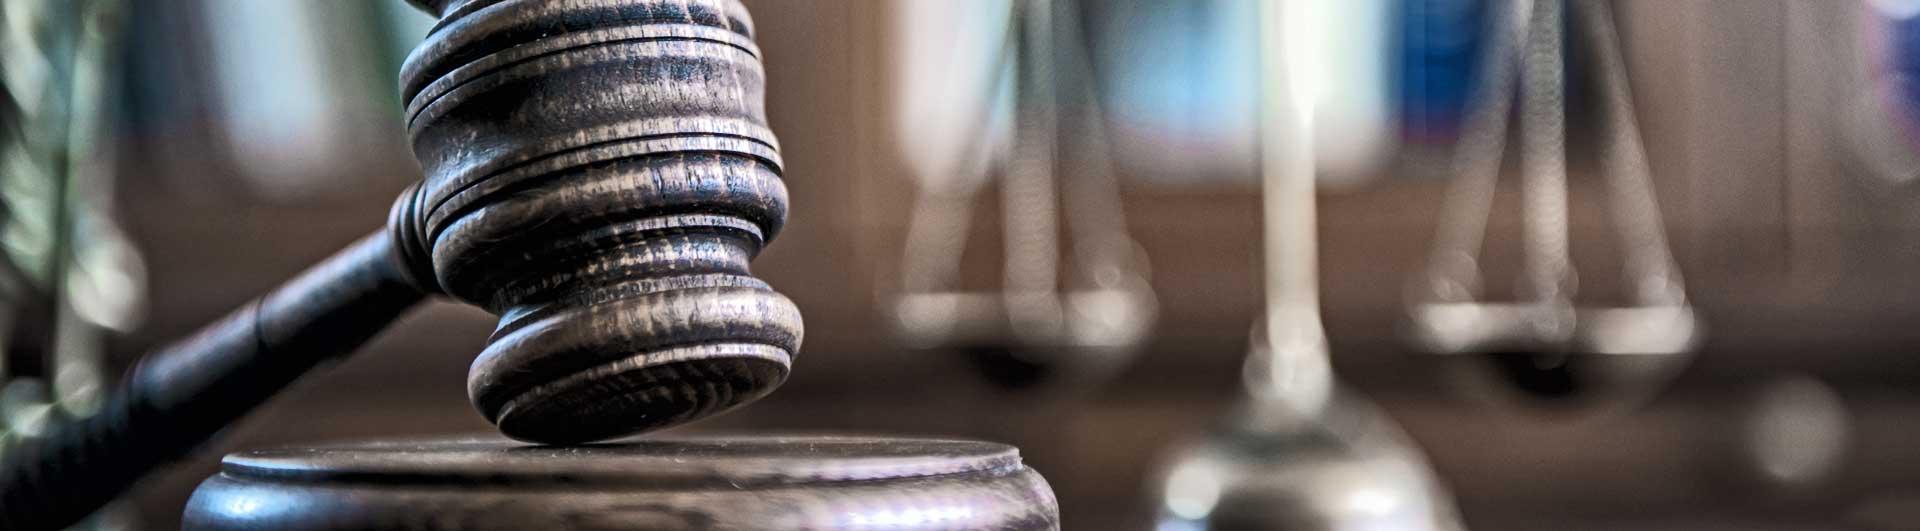 Vergaberecht, aktuelle Urteile